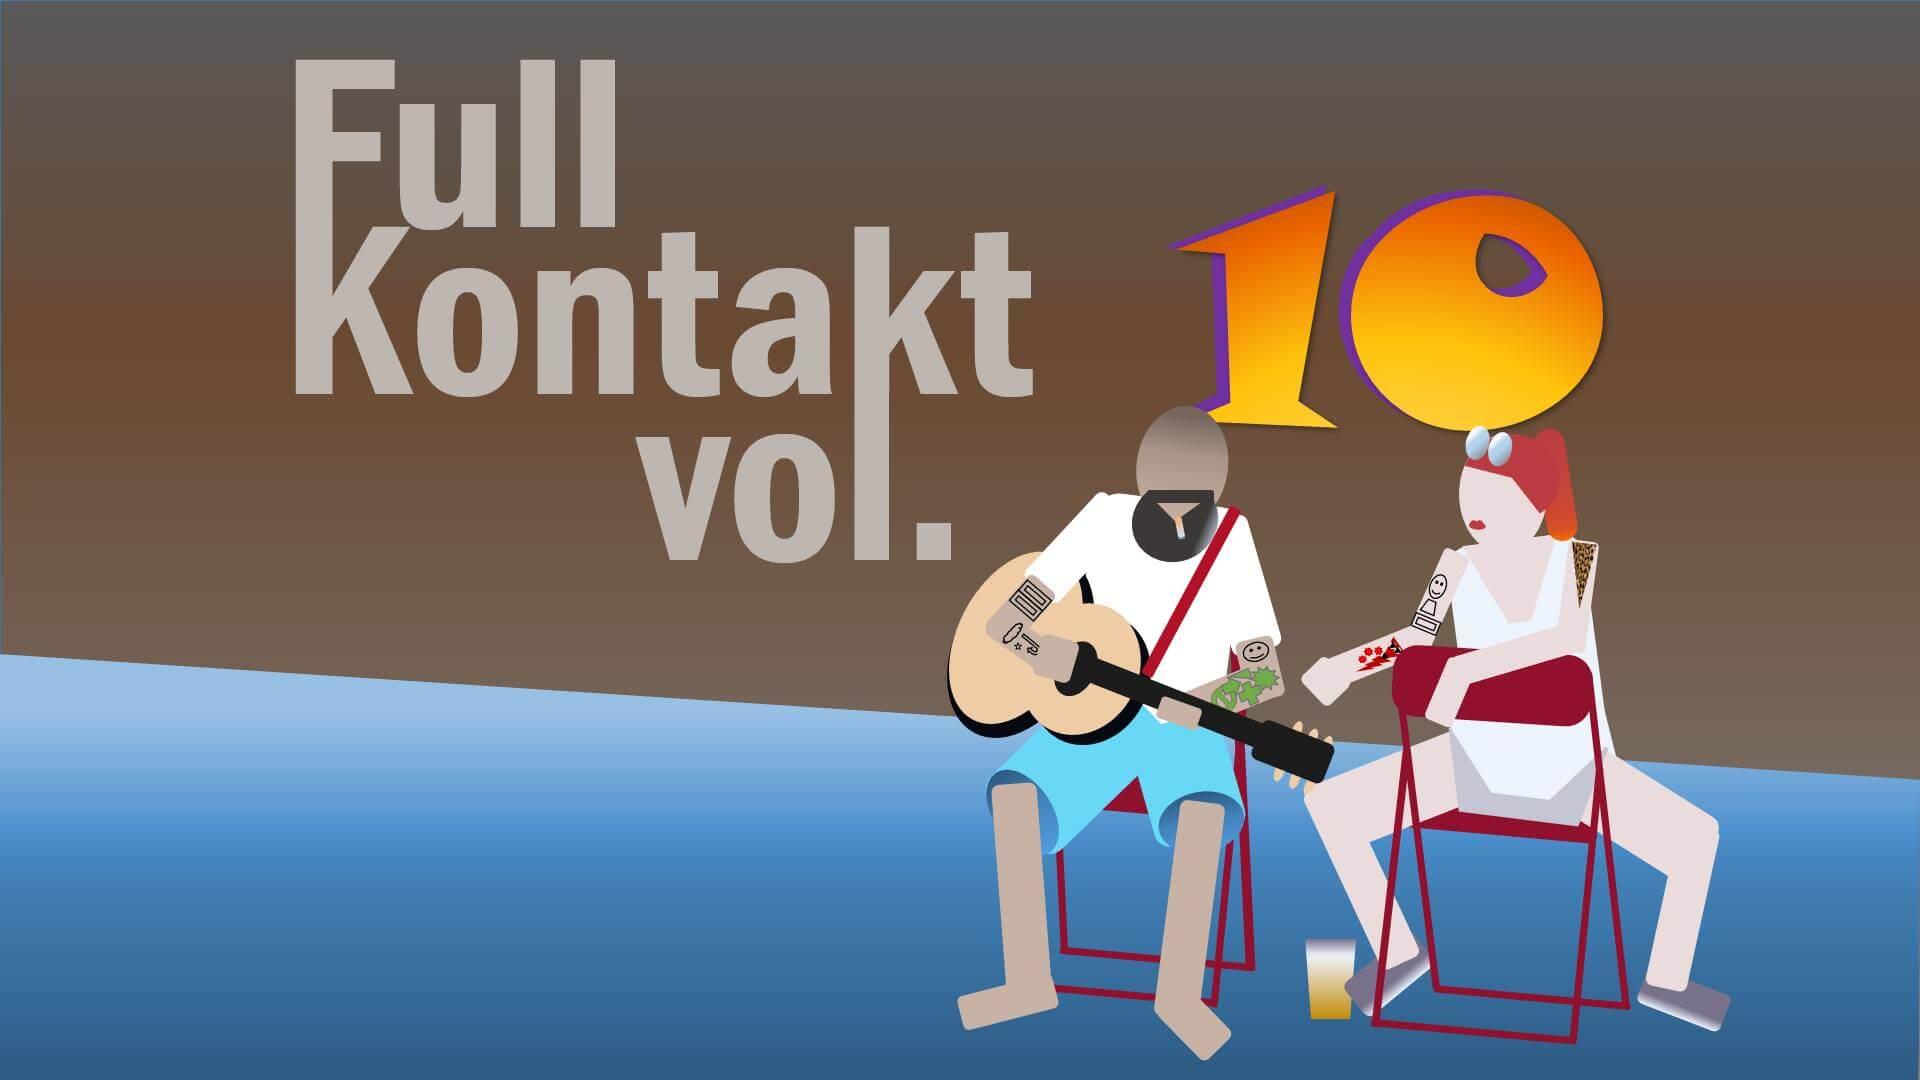 Full Kontakt vol. 10